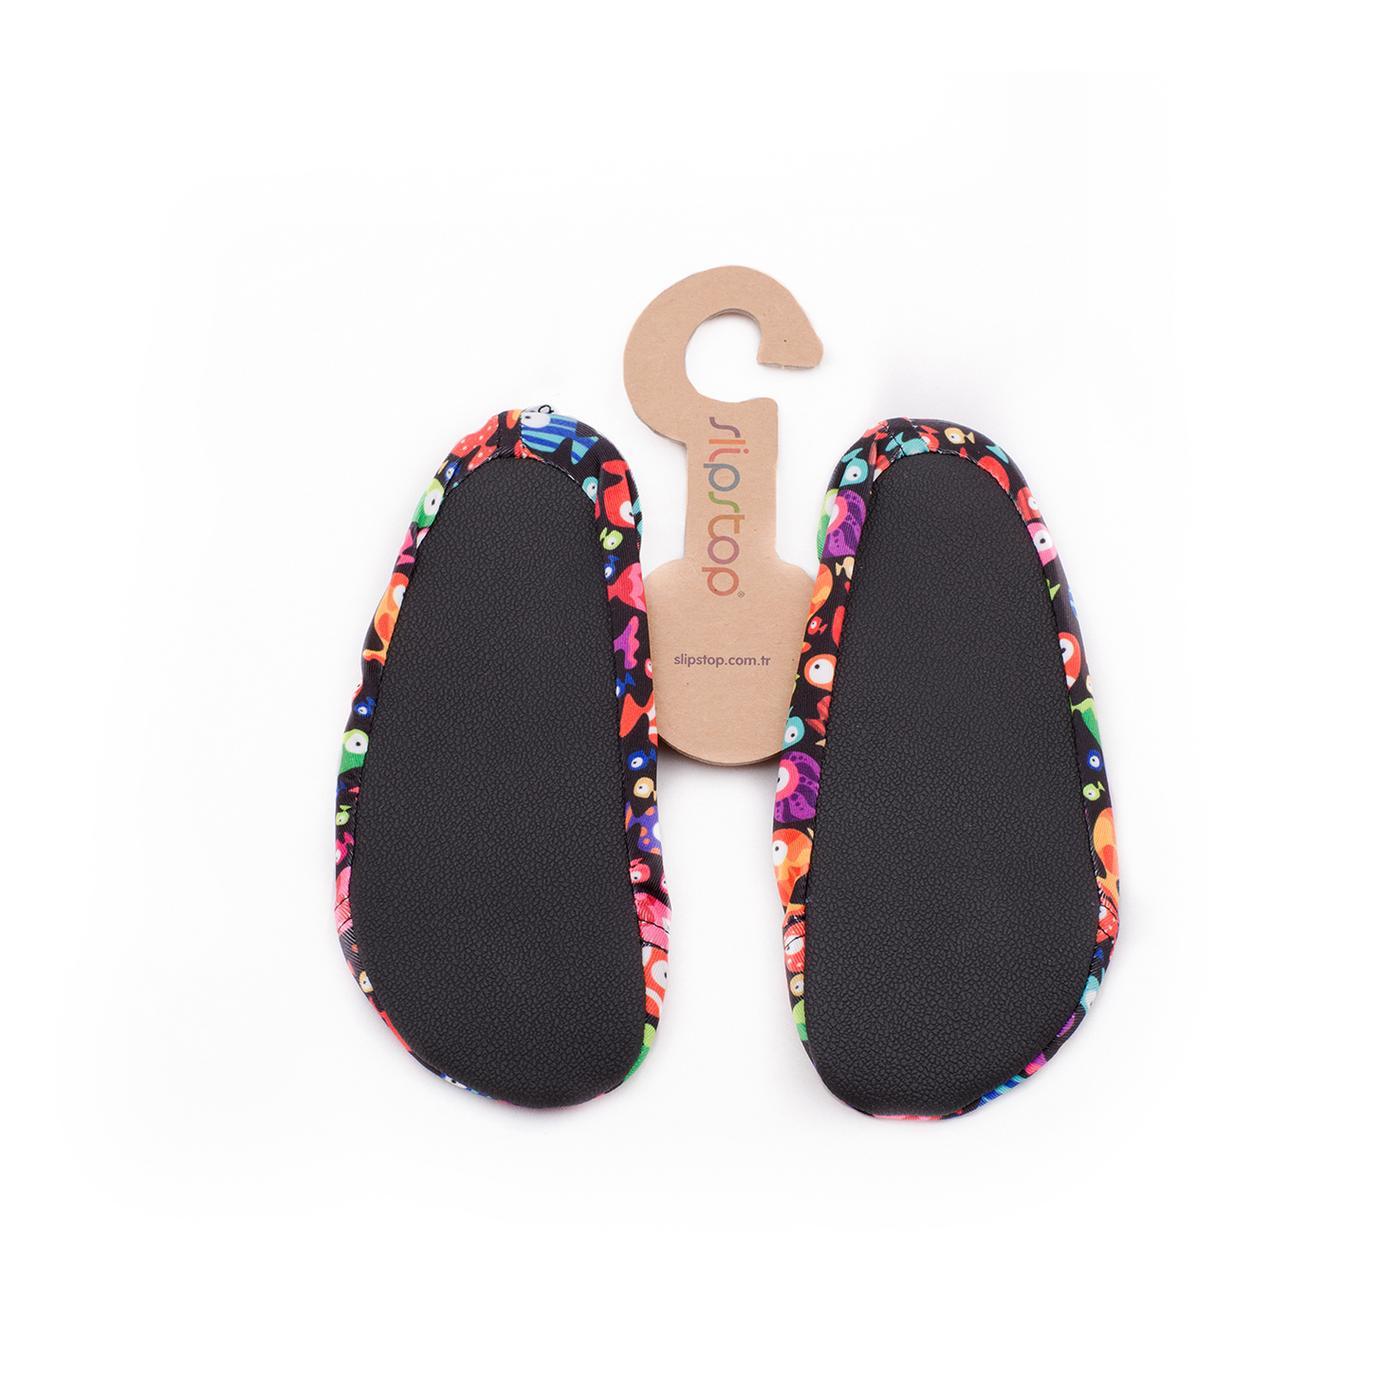 Slipstop Fish Çocuk Renkli Havuz Ayakkabısı